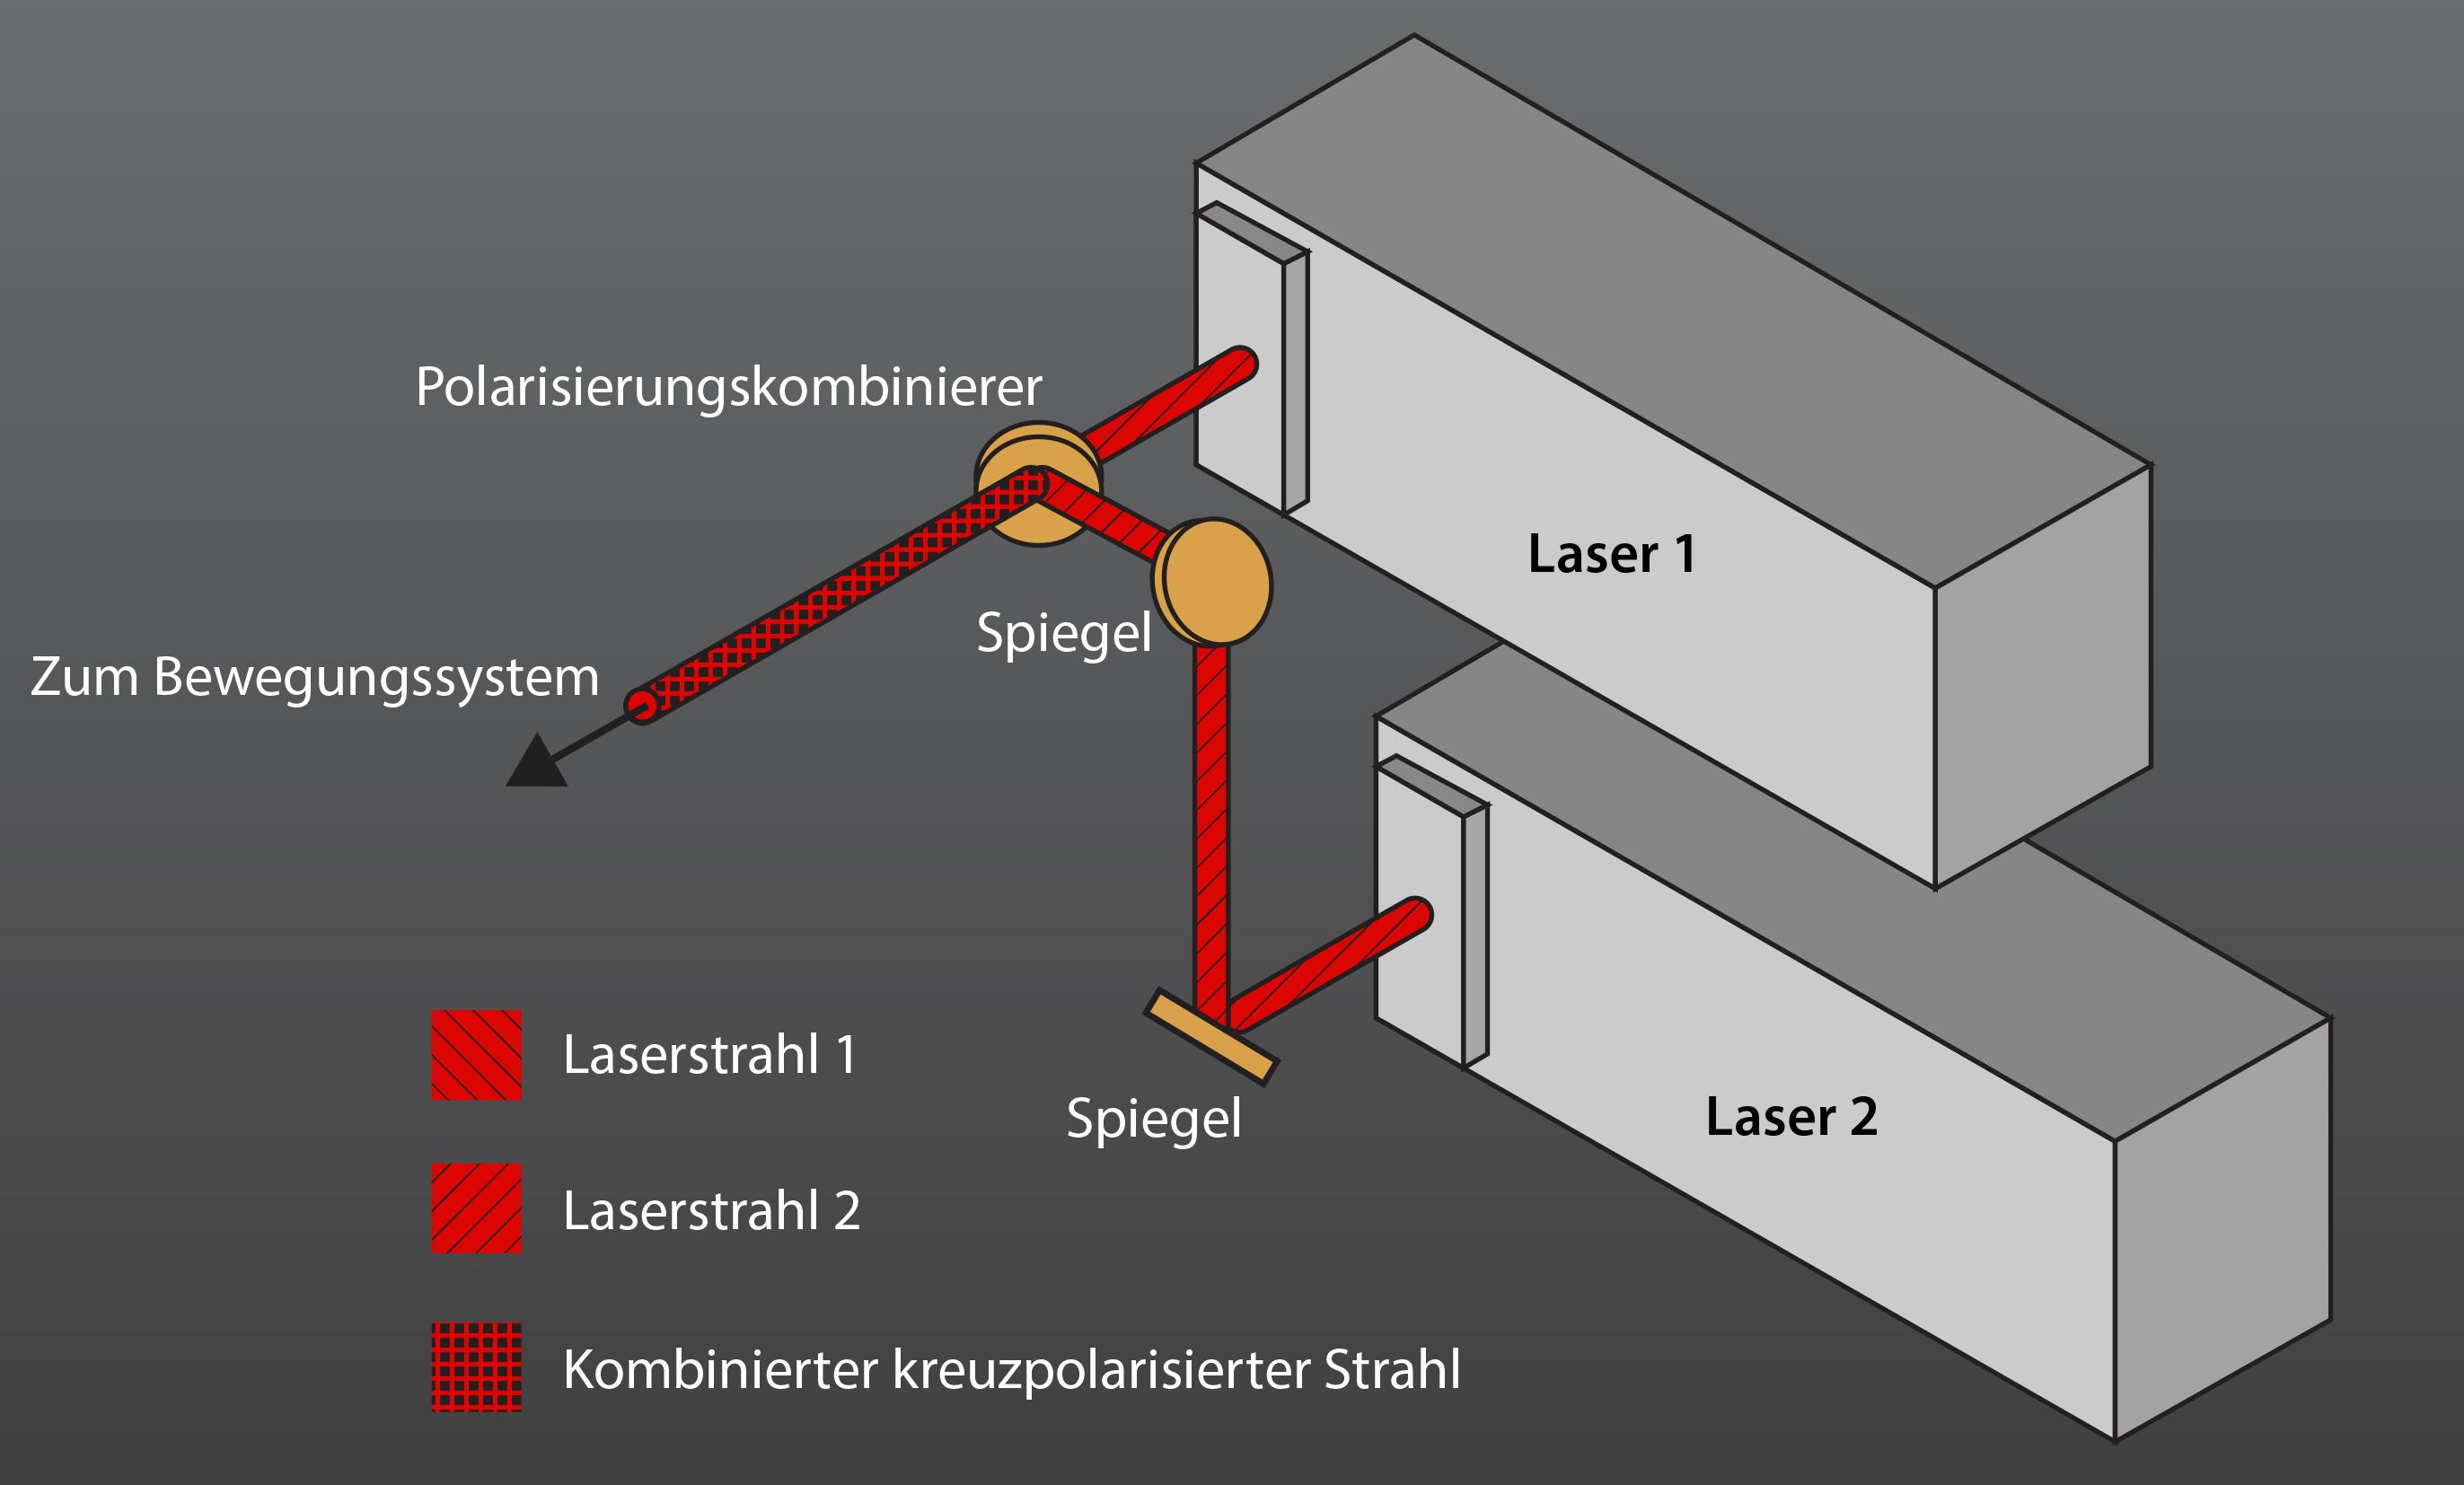 Doppellaser-System-konfigurierte Systeme